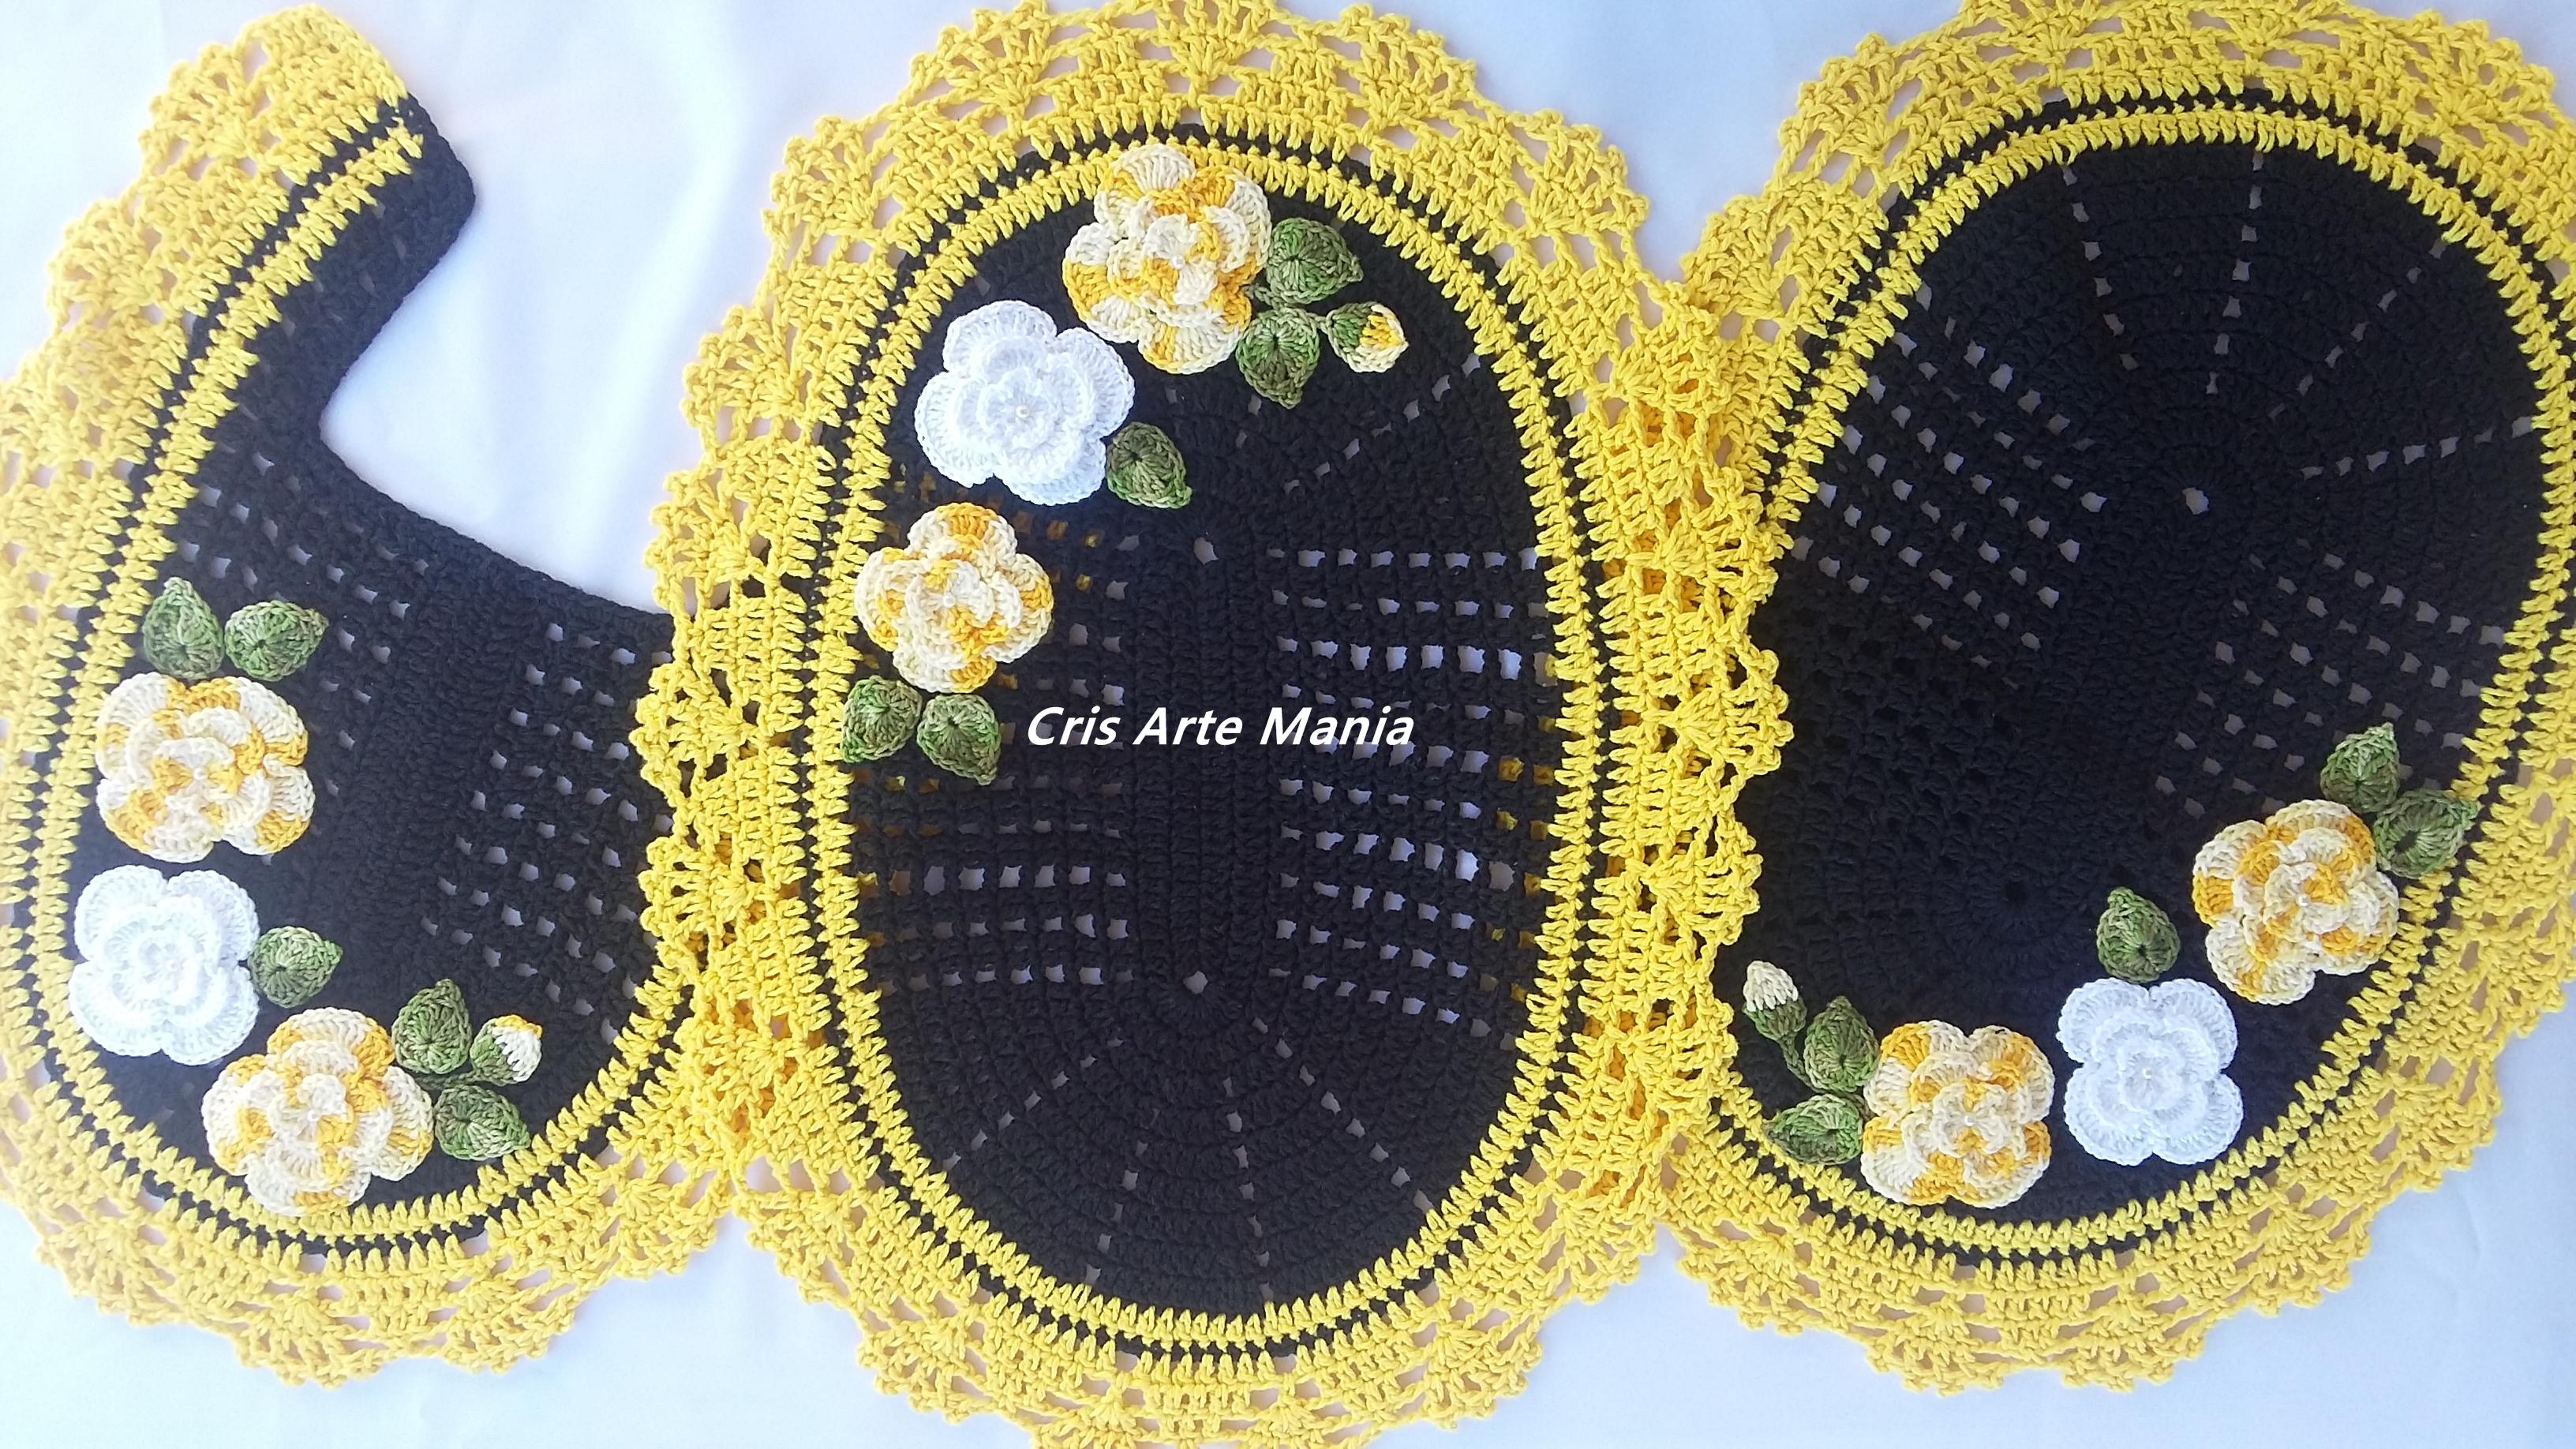 jogo de banheiro com flores aplicadas jogo de banheiro croche #A79624 3264x1836 Balança De Banheiro Frete Grátis